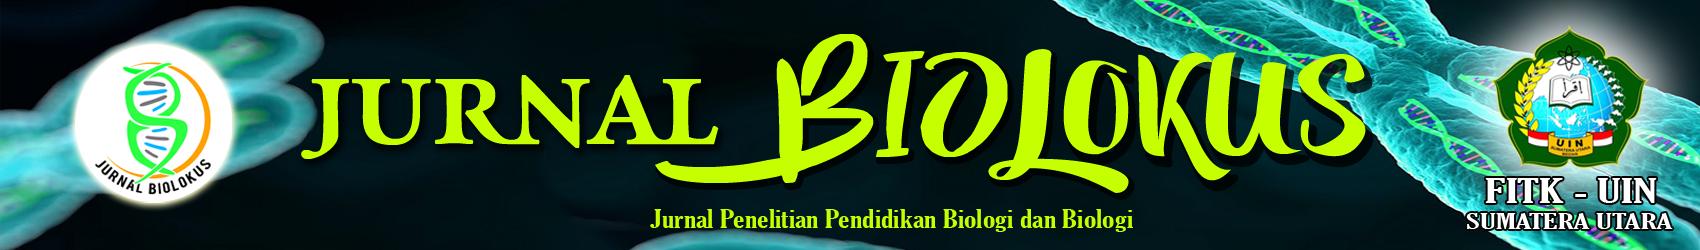 Biolokus : Jurnal Penelitian Pendidikan Biologi dan Biologi